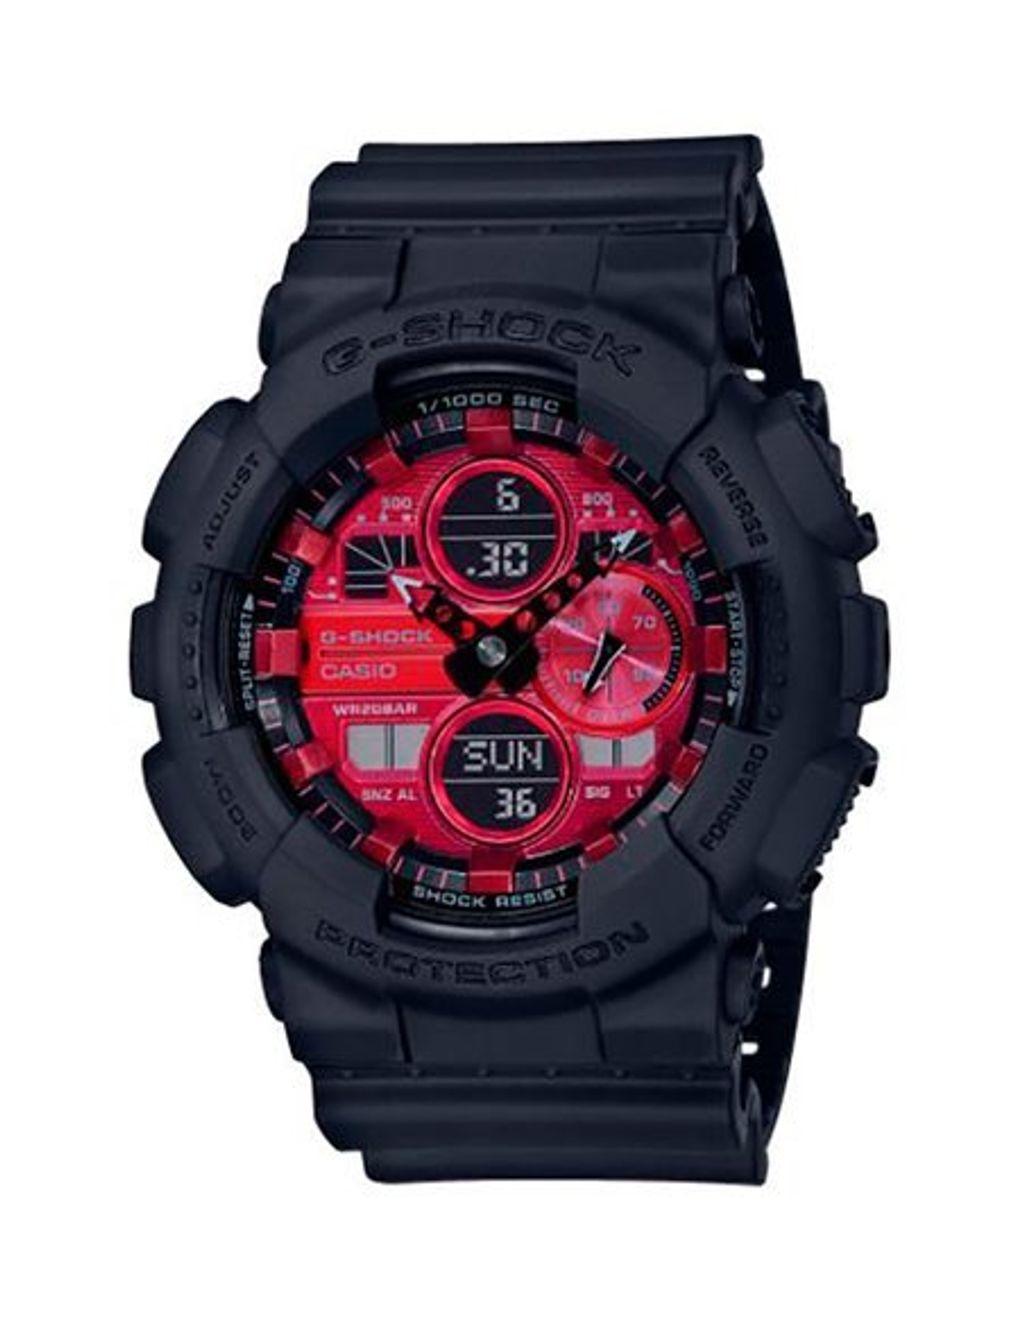 casio-watch-g-shock-adrenaline-red-ga-140ar-1aer.jpg